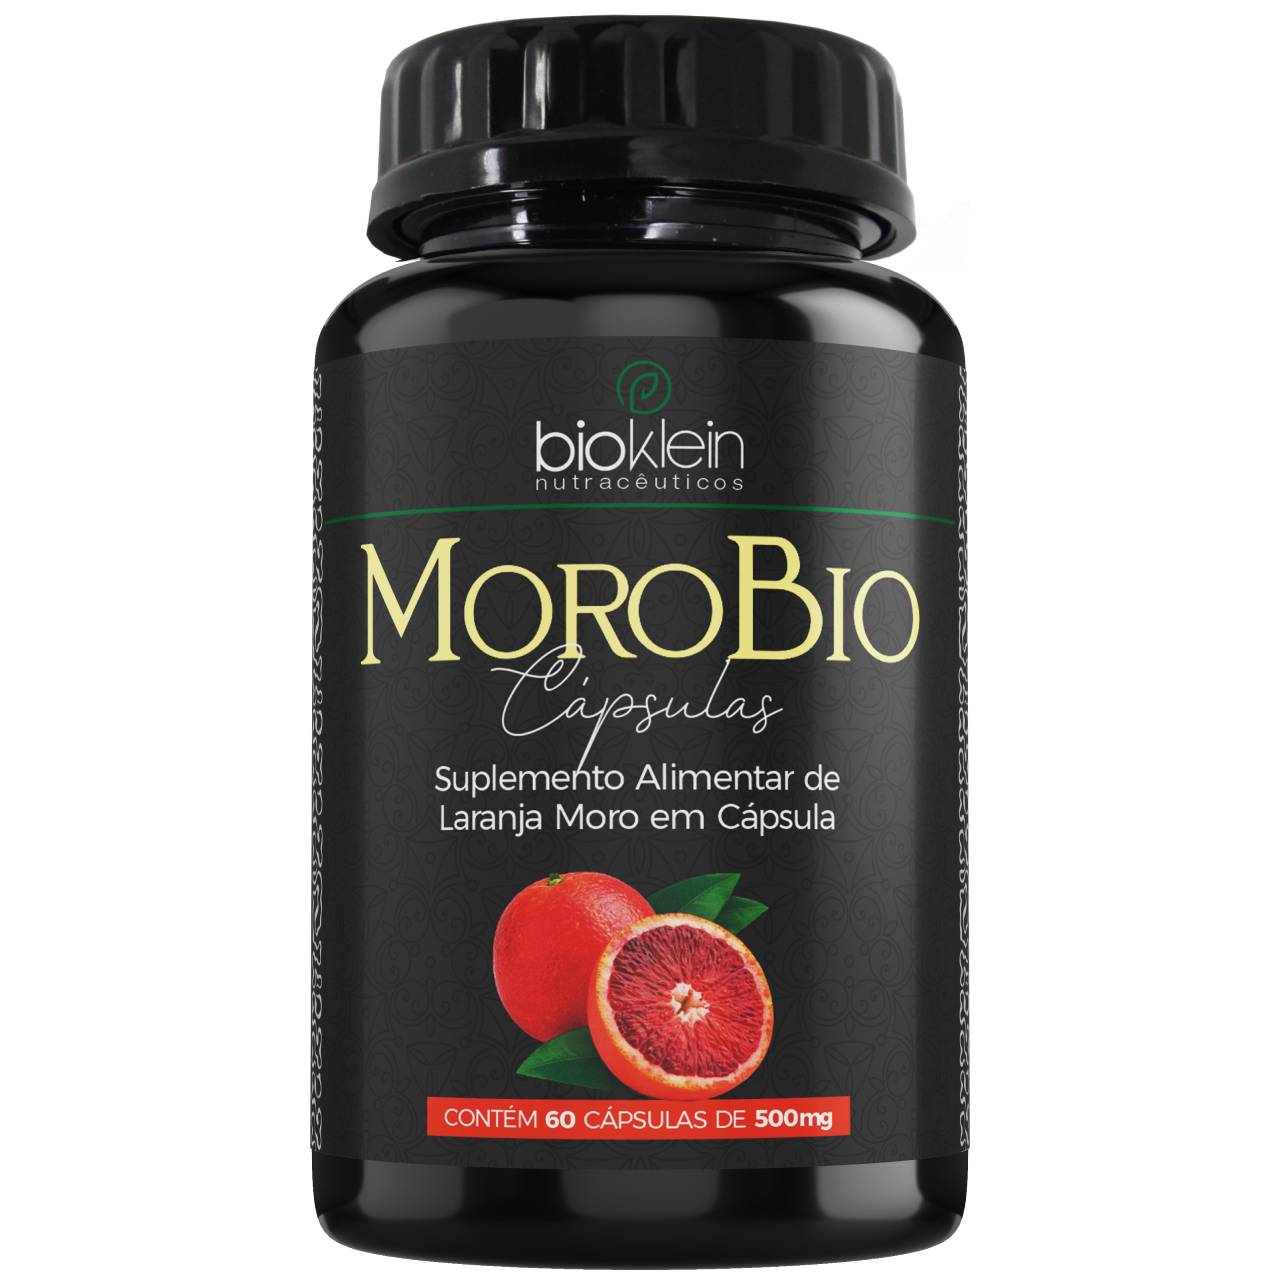 MoroBio Laranja Moro 500mg 60 cápsulas - Bioklein